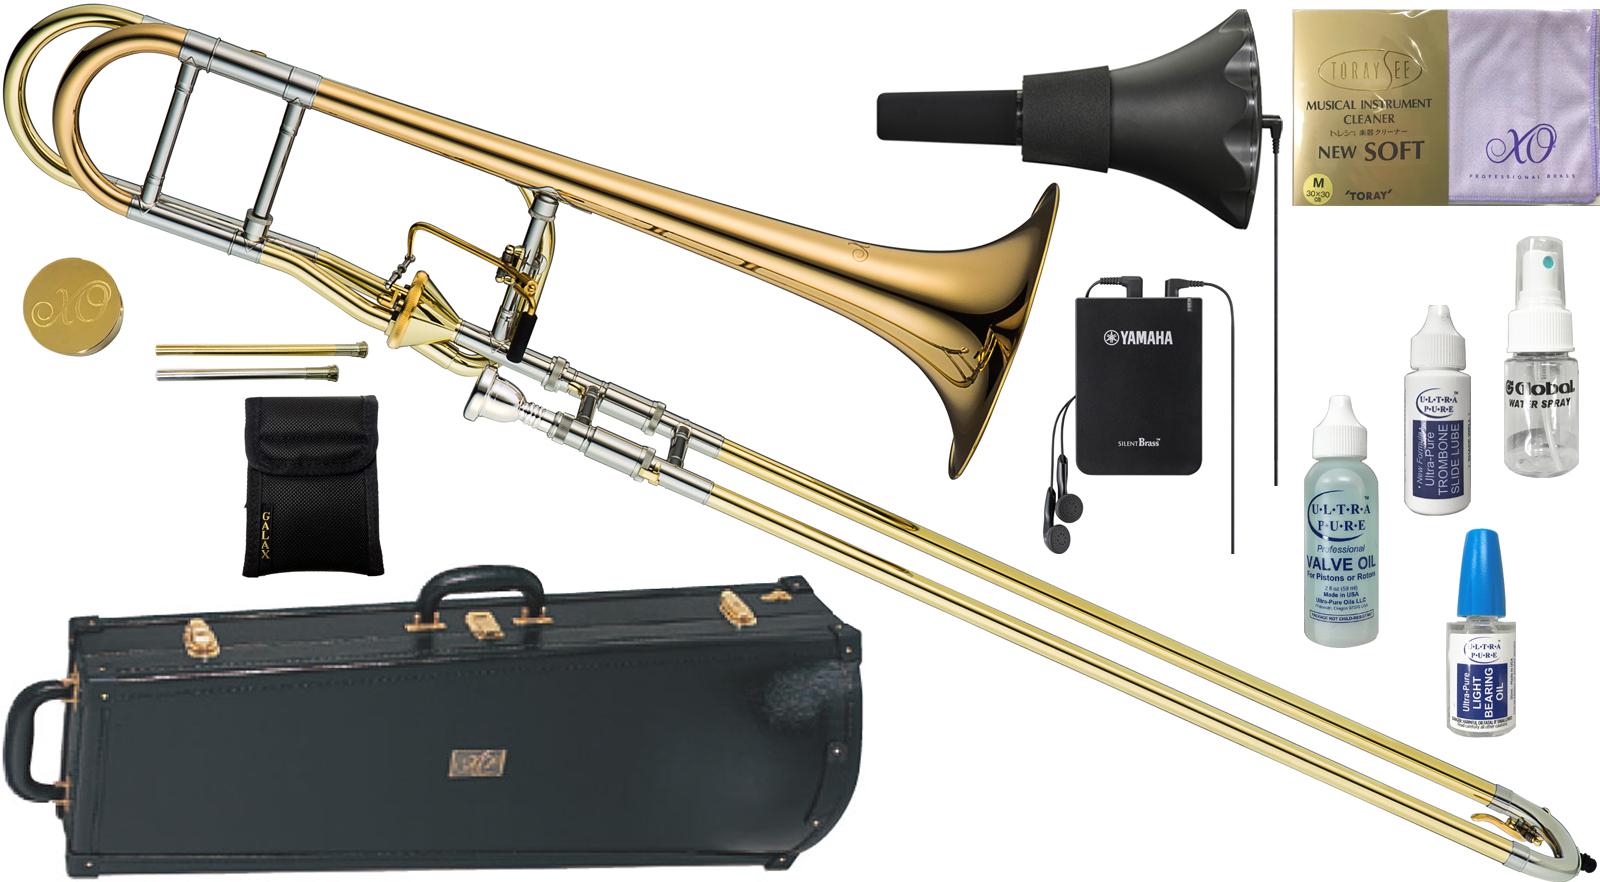 XO ( エックスオー ) 1236RL-T トロンボーン 新品 B♭/F管 テナーバストロンボーン アキシャルフローバルブ ゴールドブラス 太管 Tenor Bass Trombones BT-GB セットB 送料無料